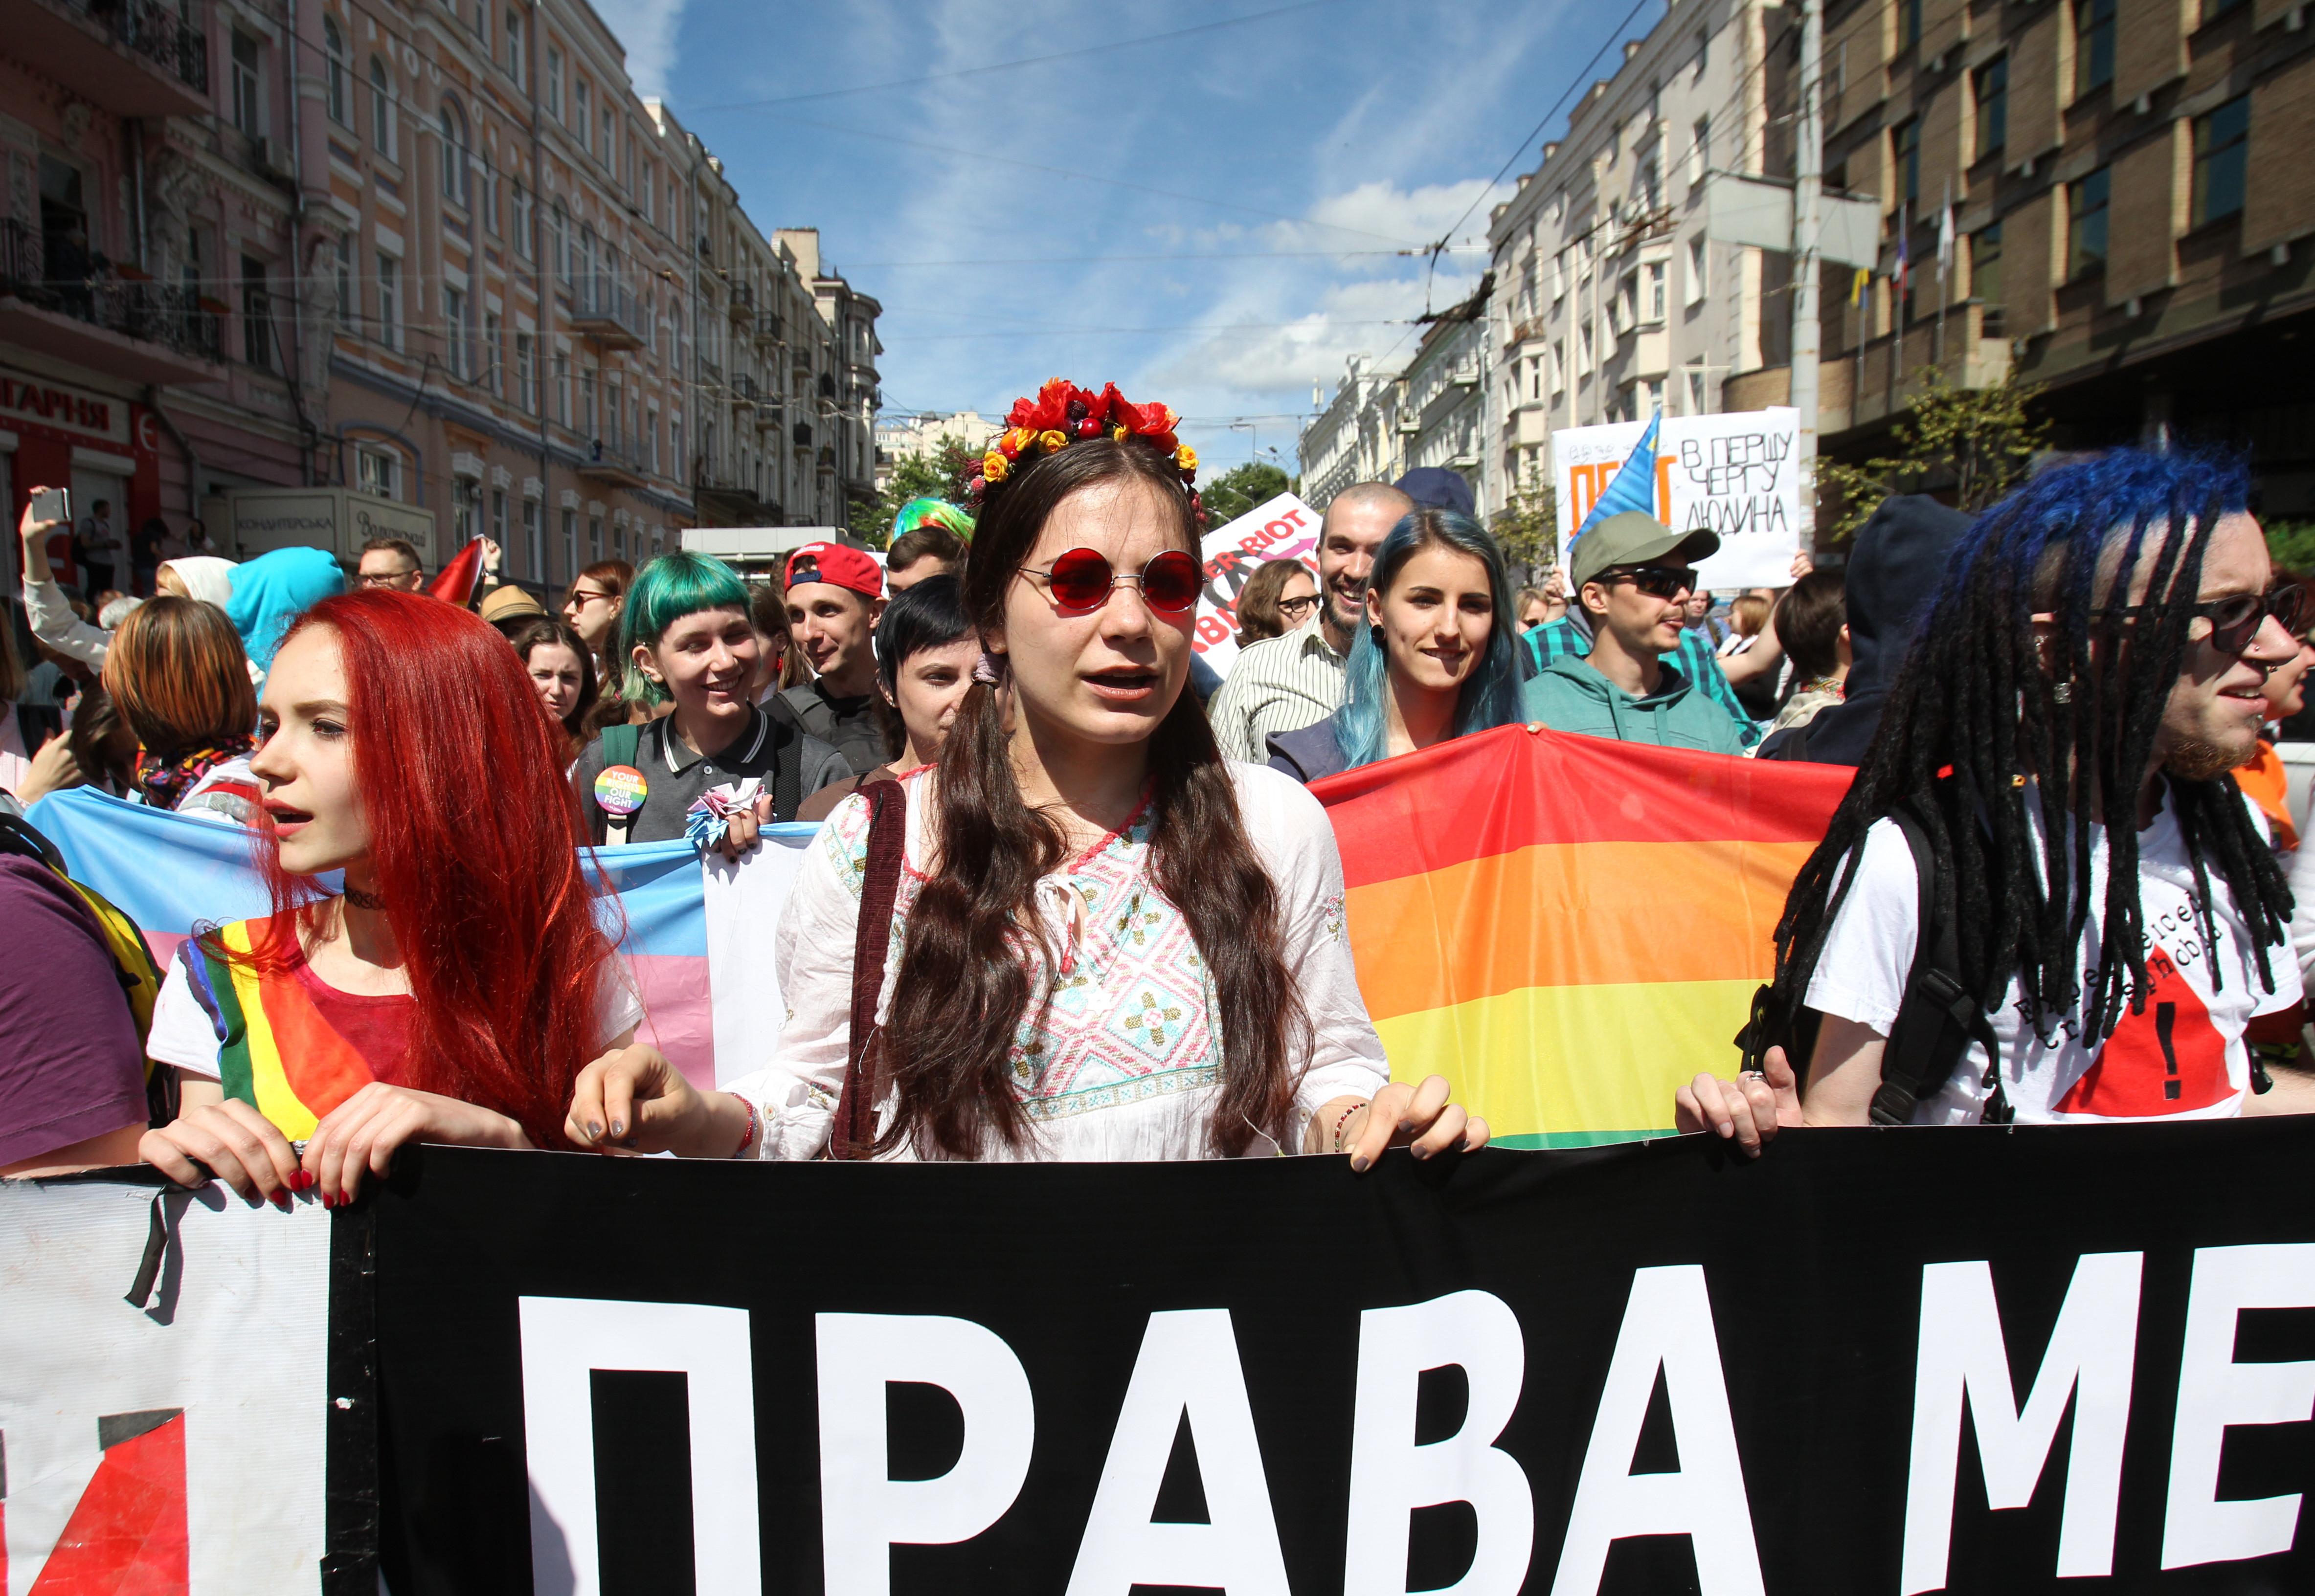 <p><span>Фото: &copy;РИА Новости/Алексей Вовк</span></p>